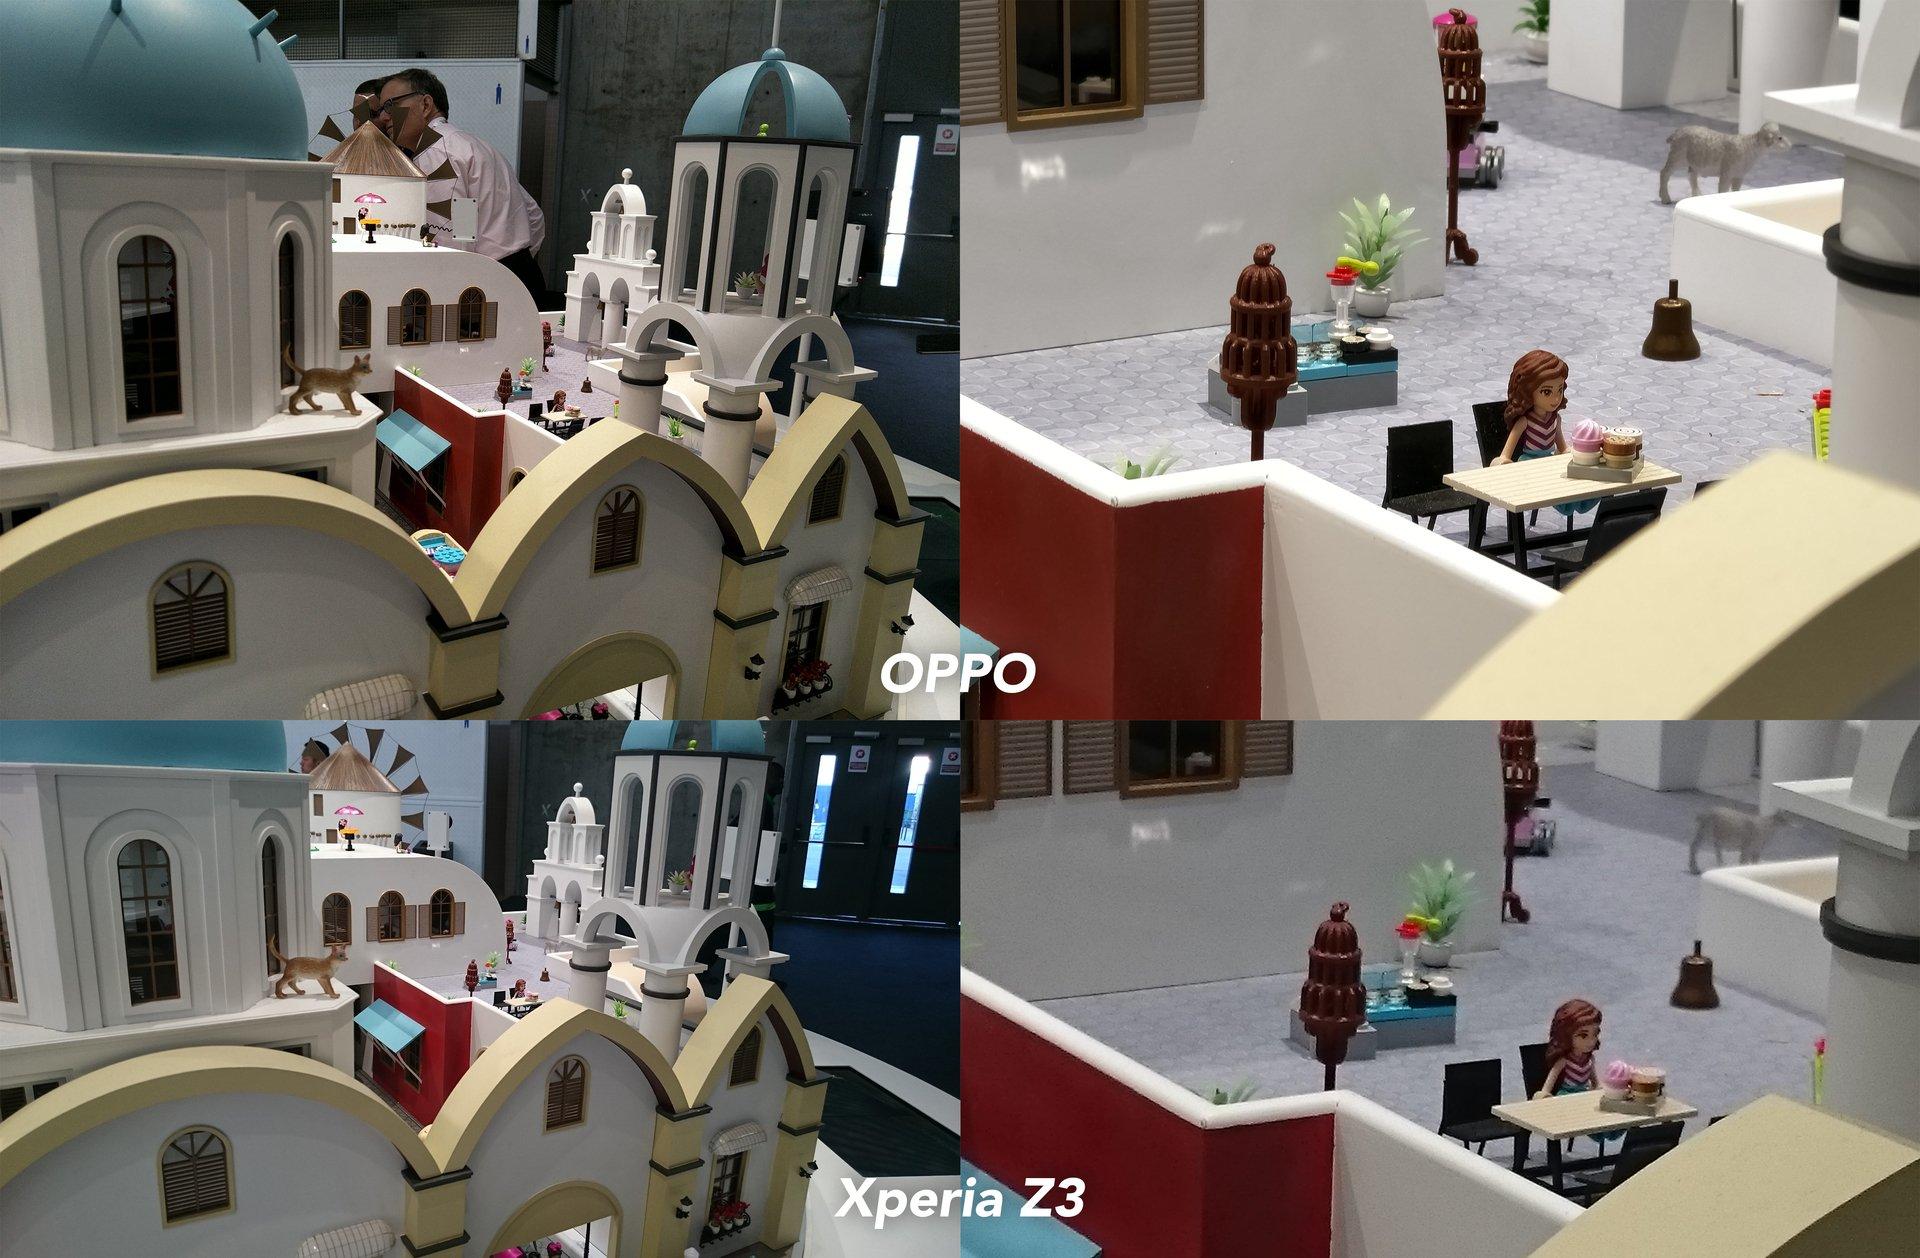 Oppo 5x zoom vs Xperia Z3